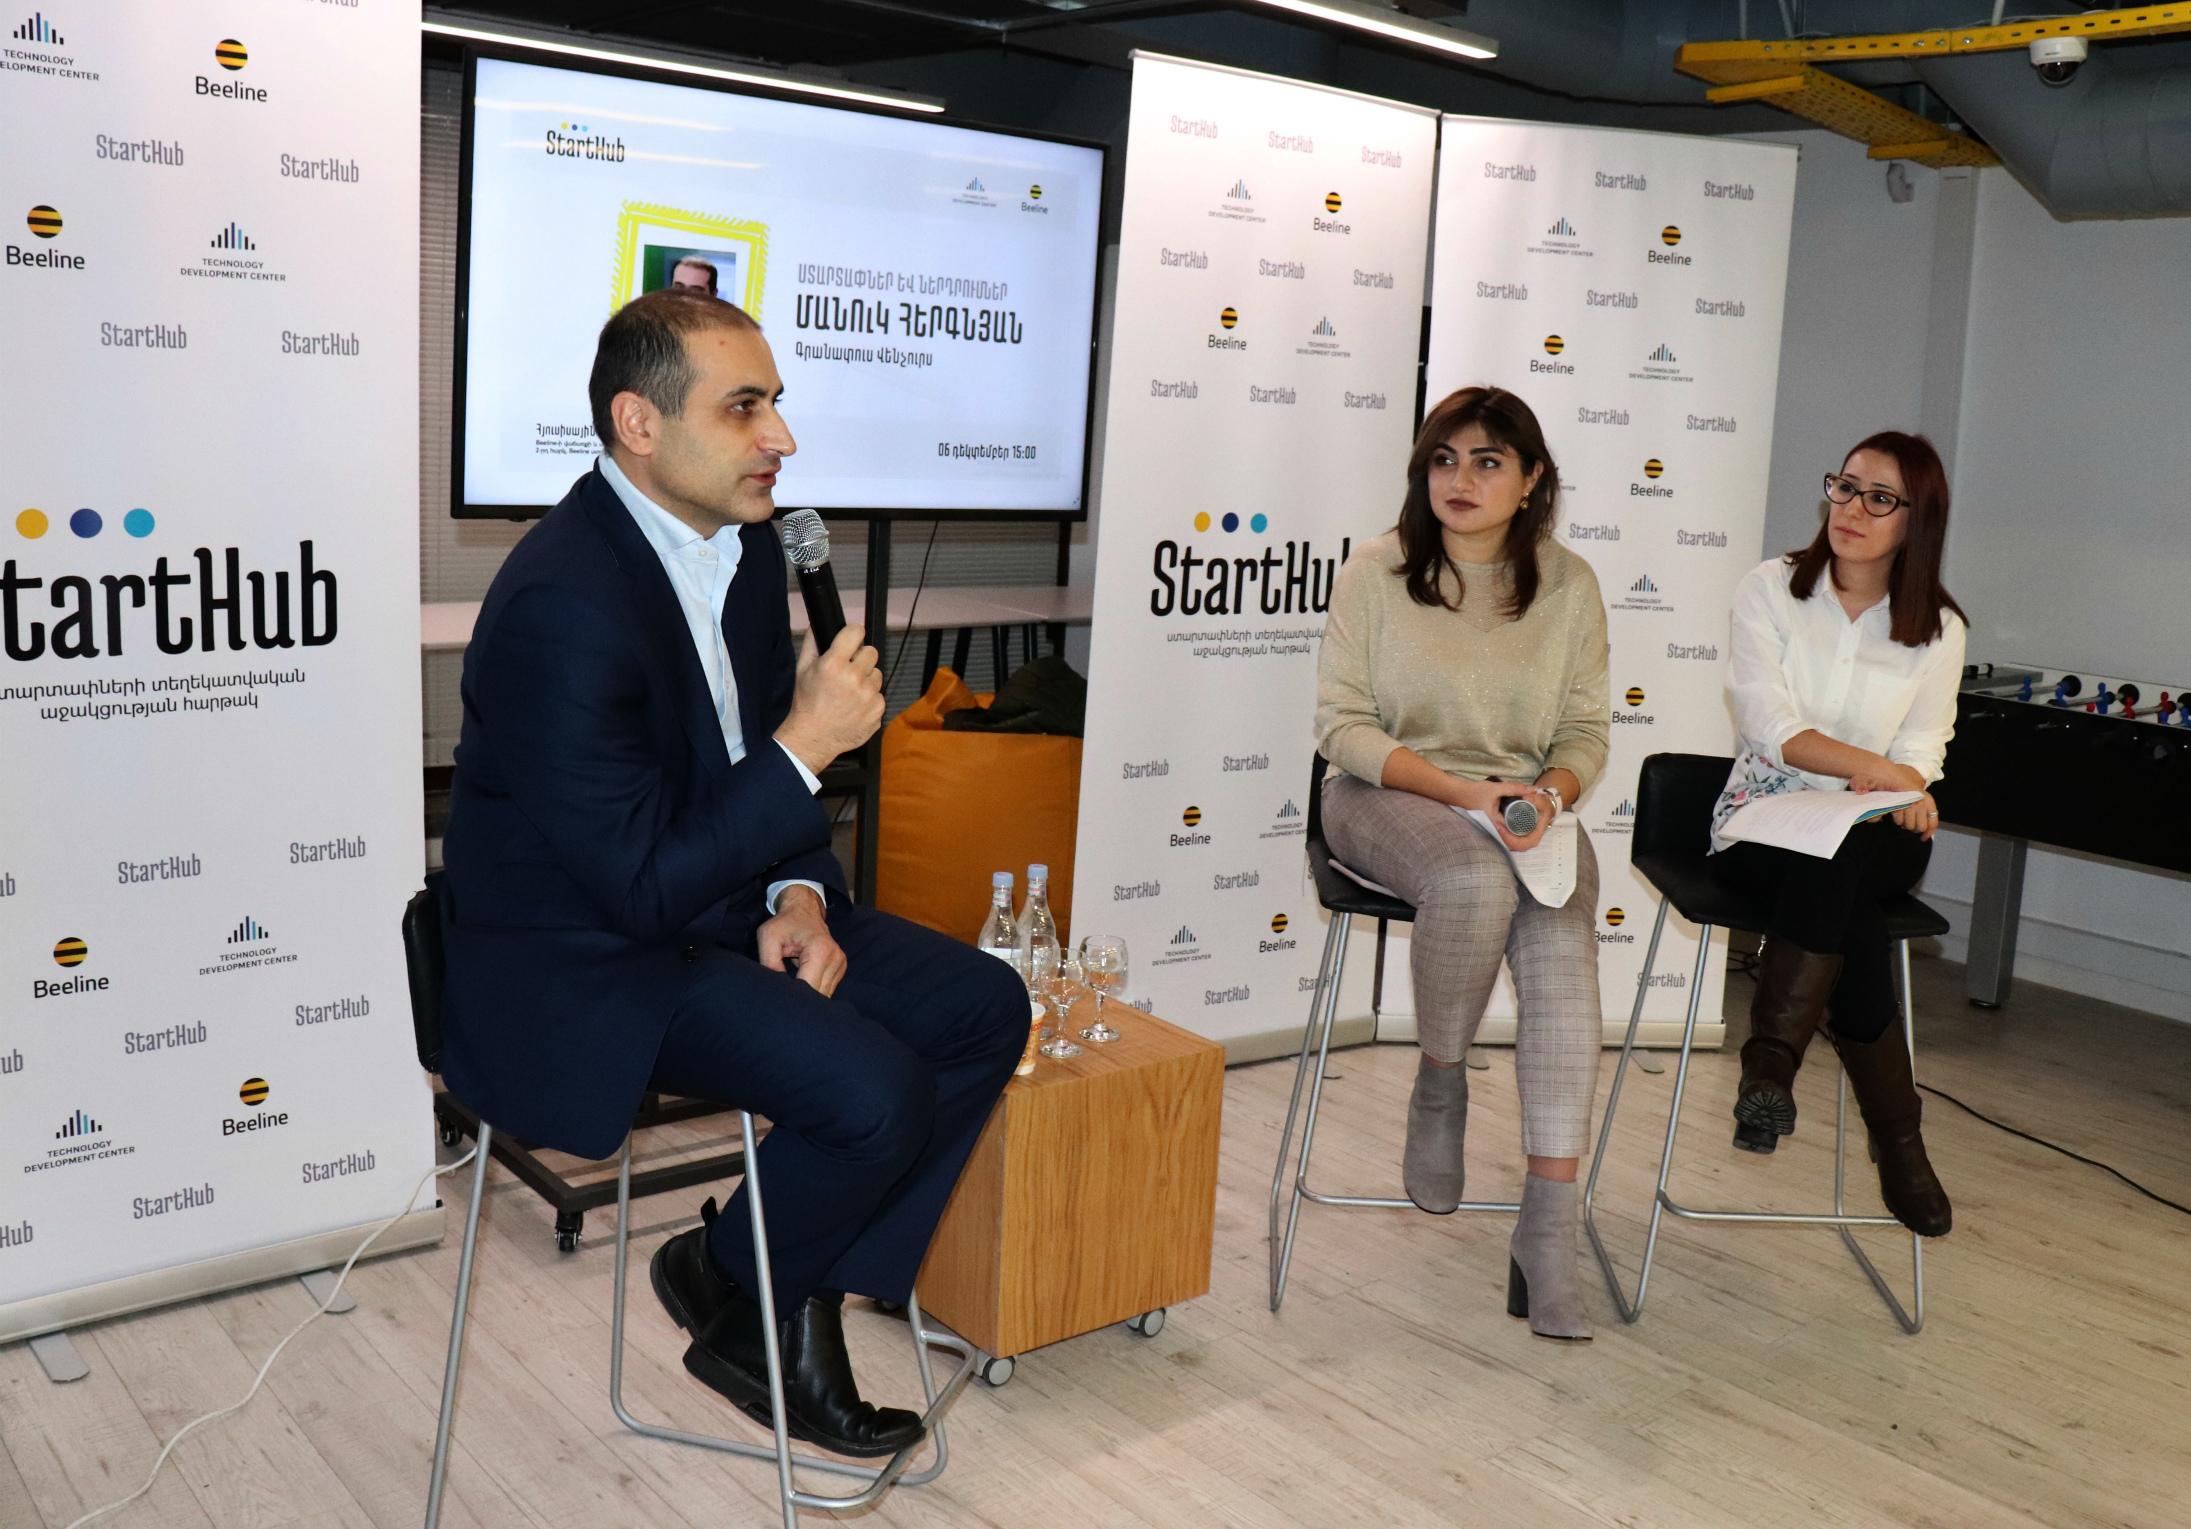 Beeline. Starthub Offline հանդիպում-քննարկումների շարքի հերթական հյուրն էր Գրանատուս Վենչուրսի համահիմնադիր Մանուկ Հերգնյանը